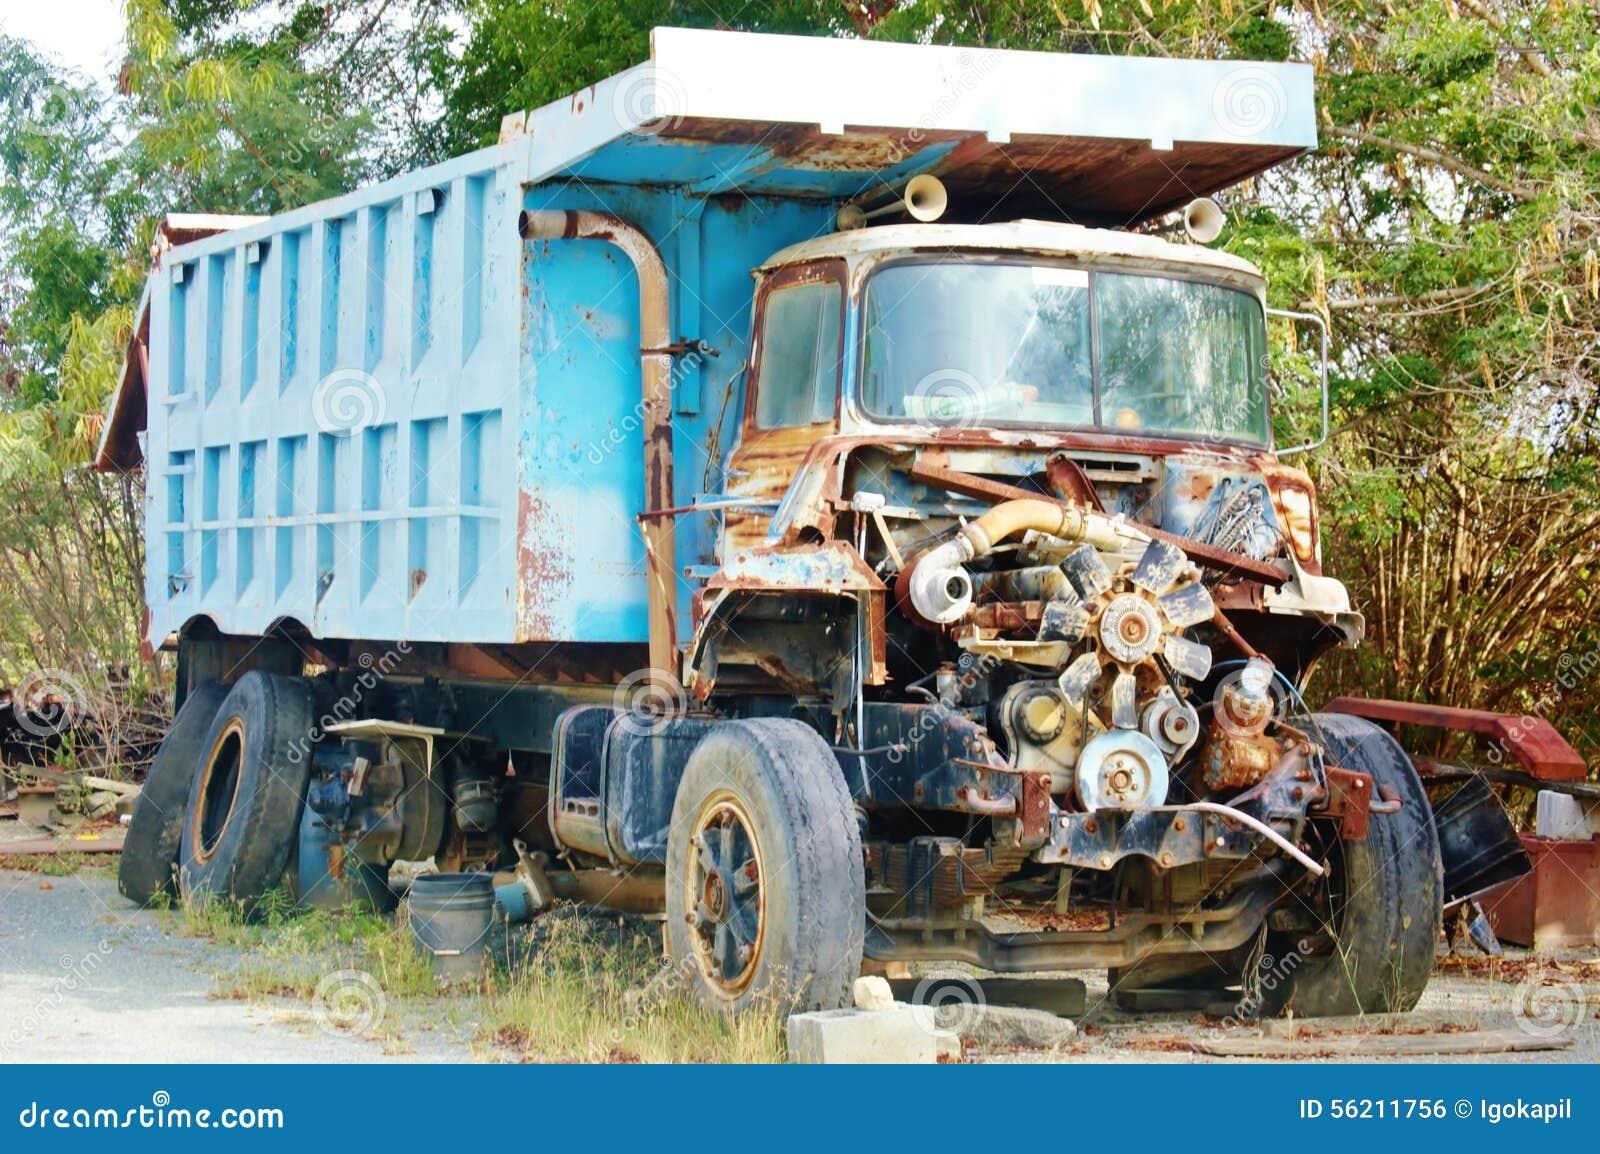 moteur rouill de vieux camion photo stock image du affaiblissement abandonn 56211756. Black Bedroom Furniture Sets. Home Design Ideas